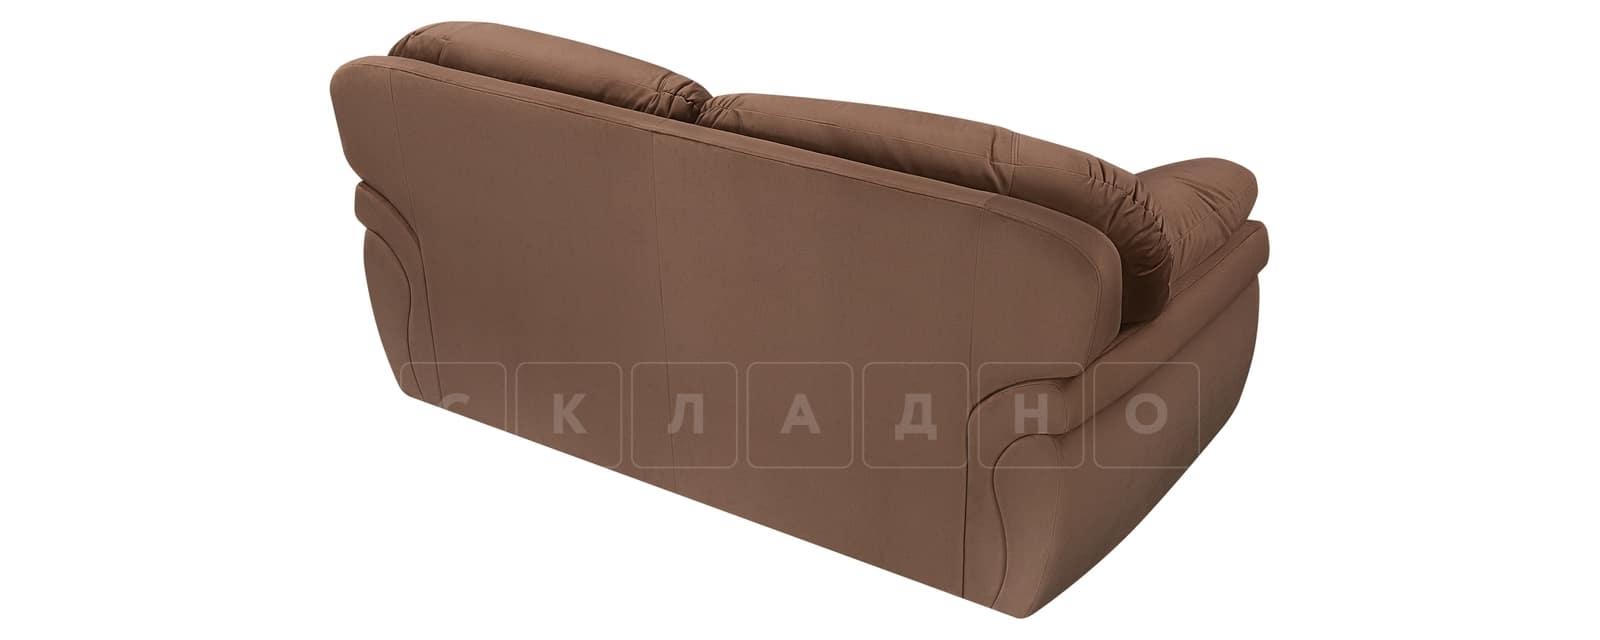 Диван Бристоль велюр коричневый фото 3 | интернет-магазин Складно